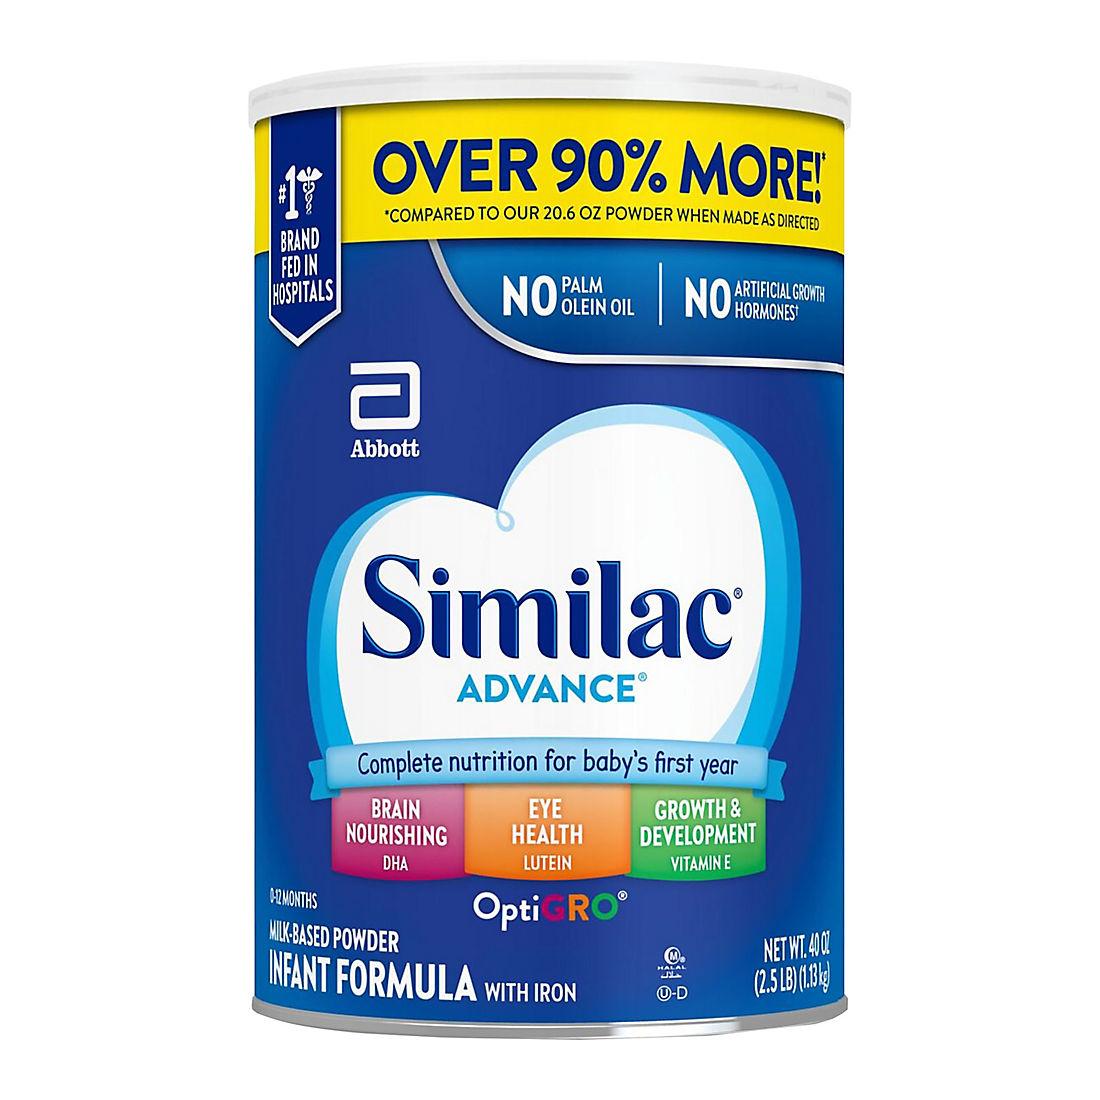 Similac Advance Infant Formula with Iron Powder, 40 oz